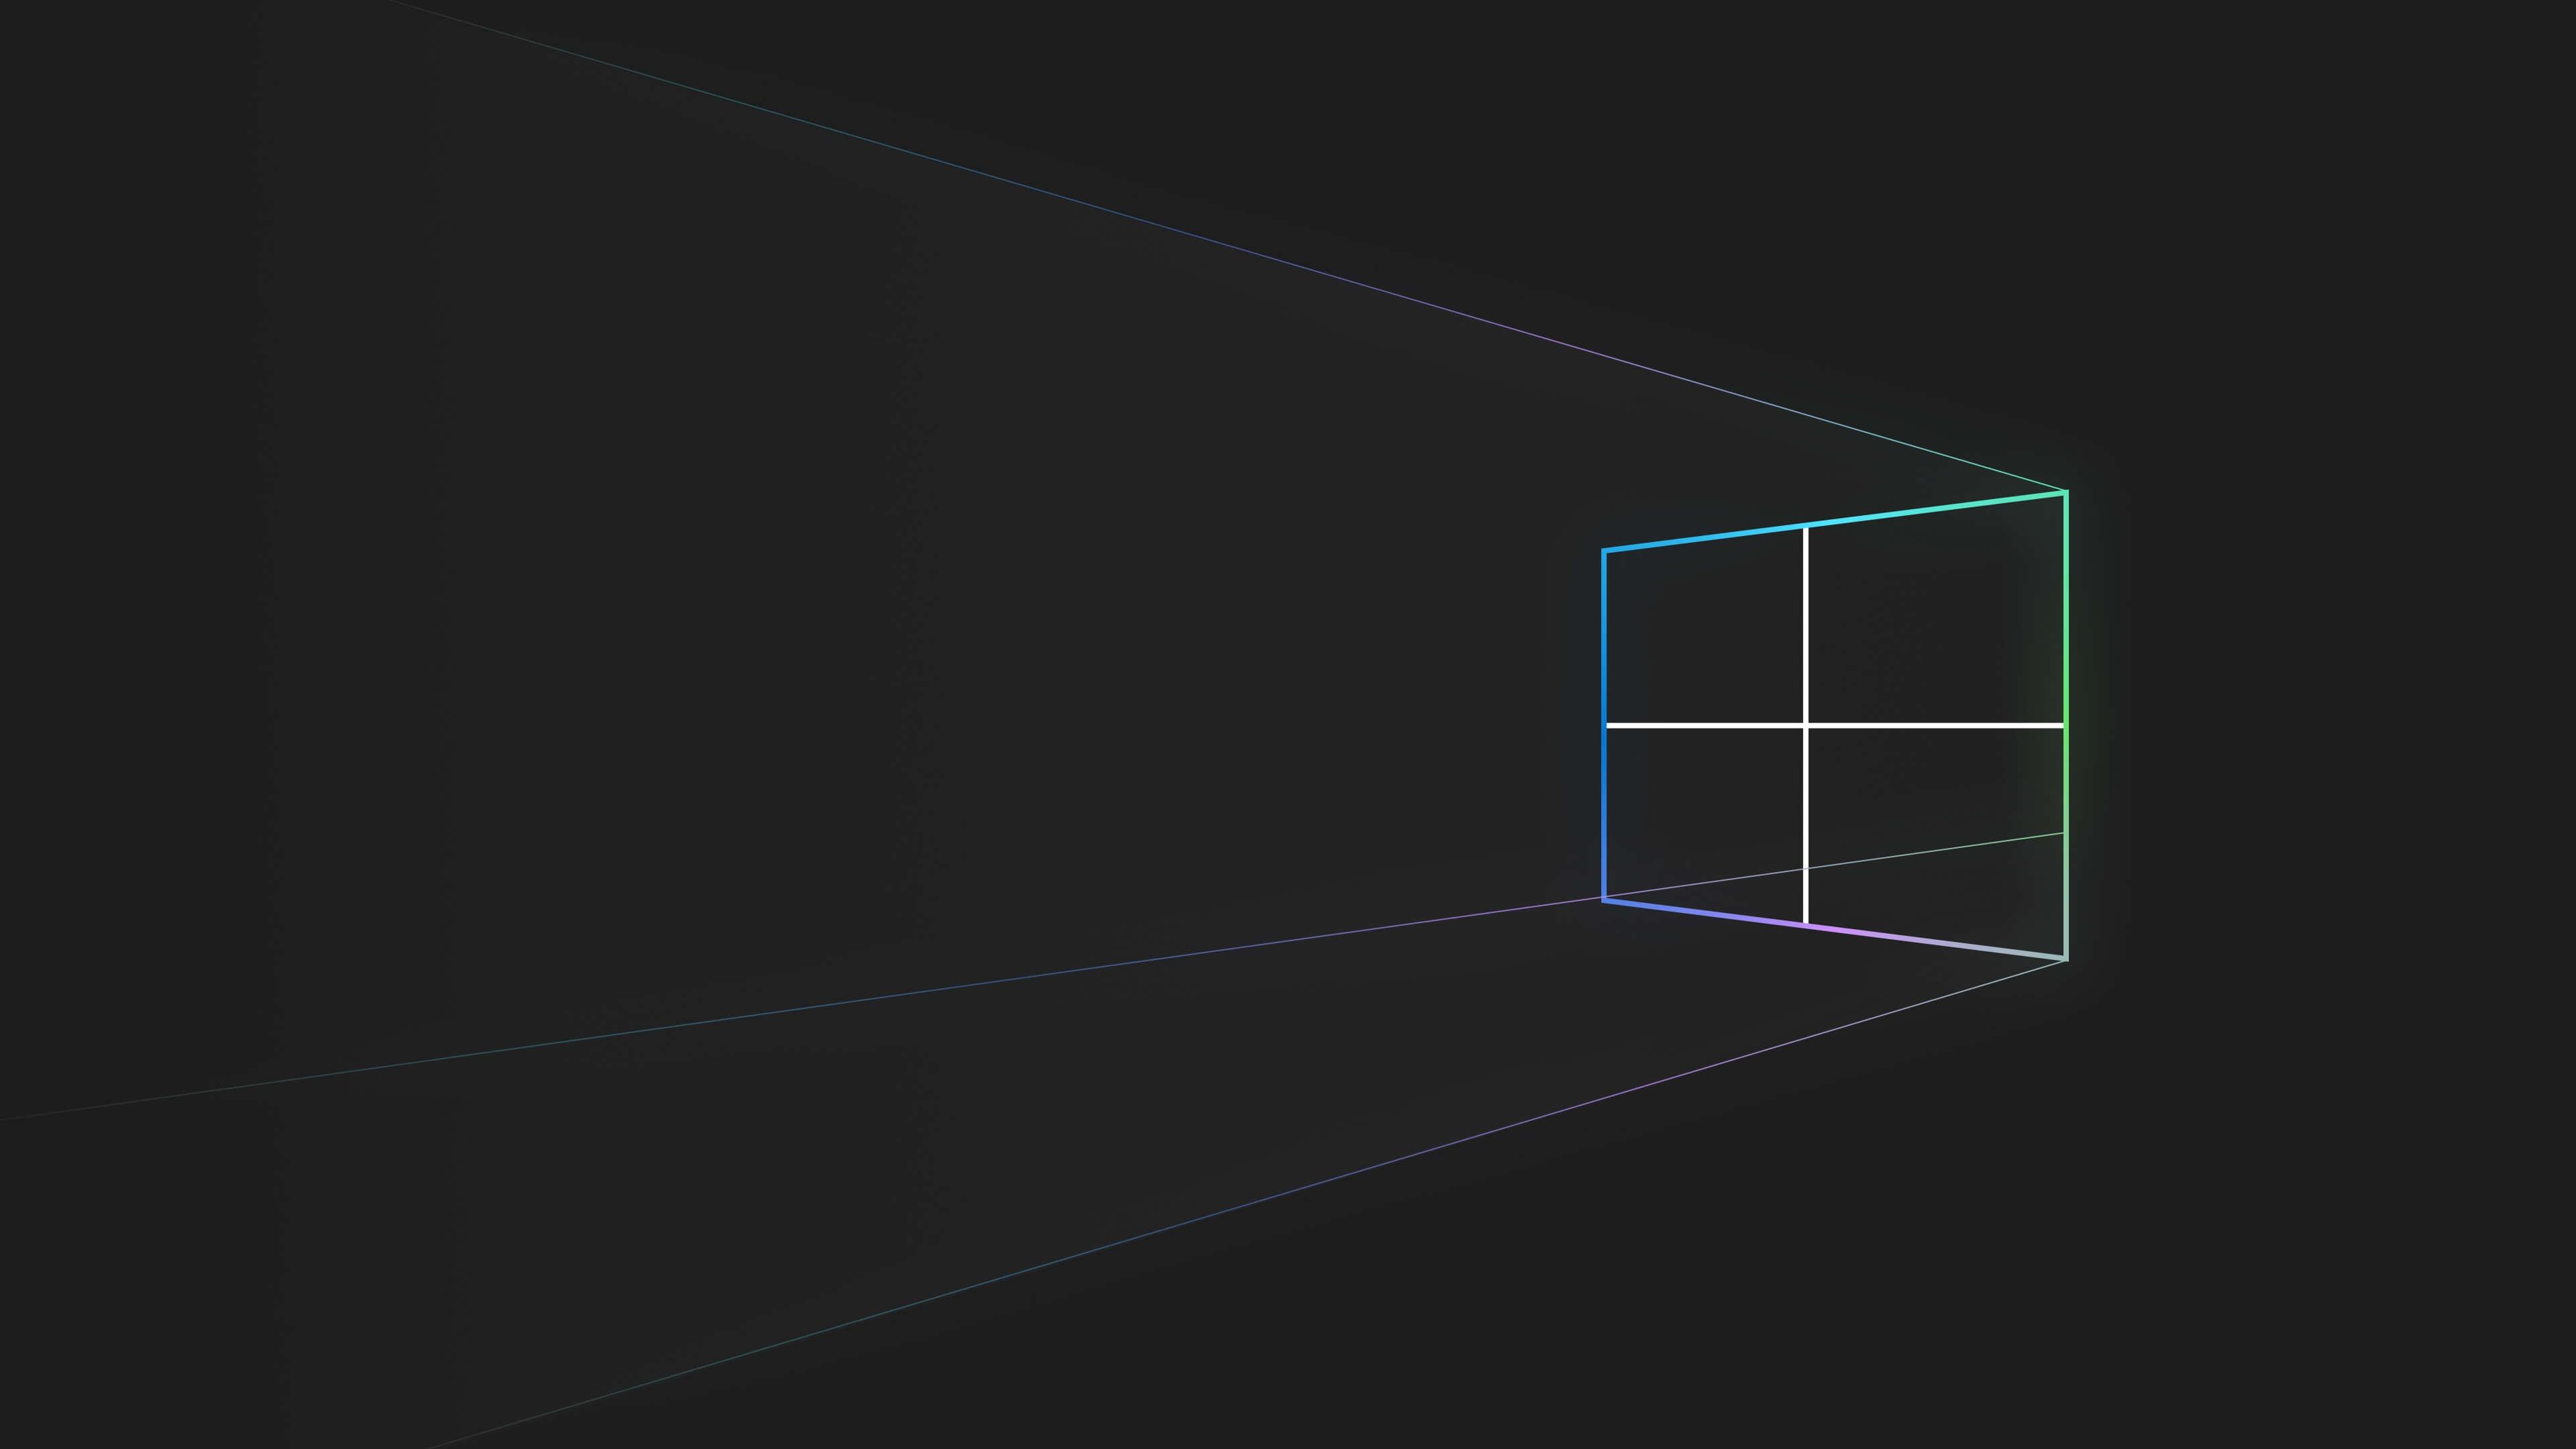 Fluent Lines windows background